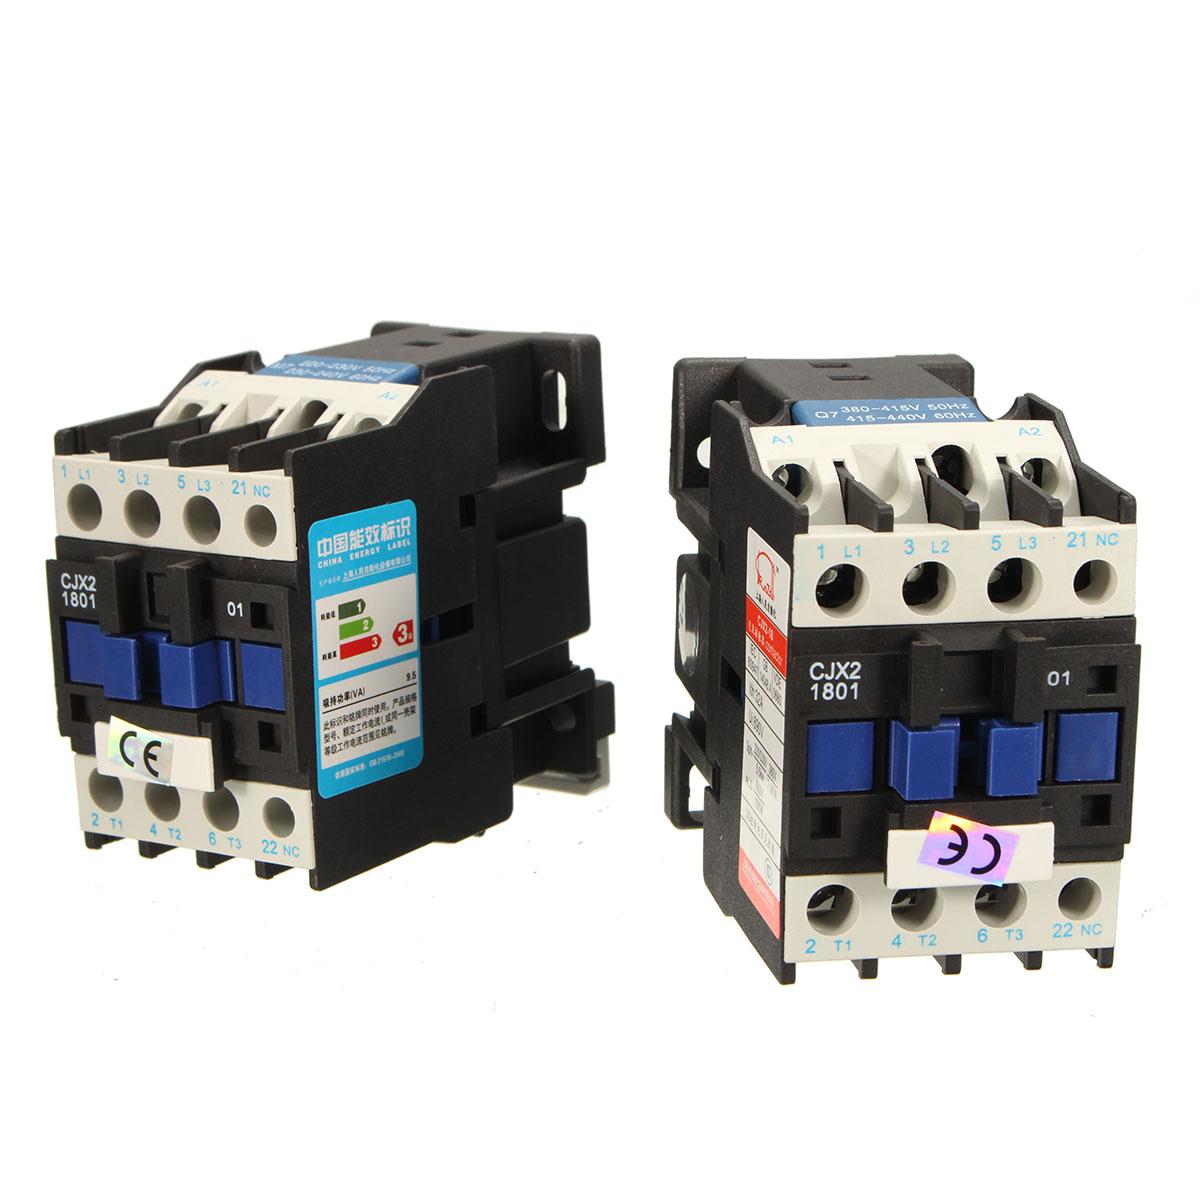 Motor Starter Wiring Diagram Additionally Baldor 3 Phase Motor Wiring